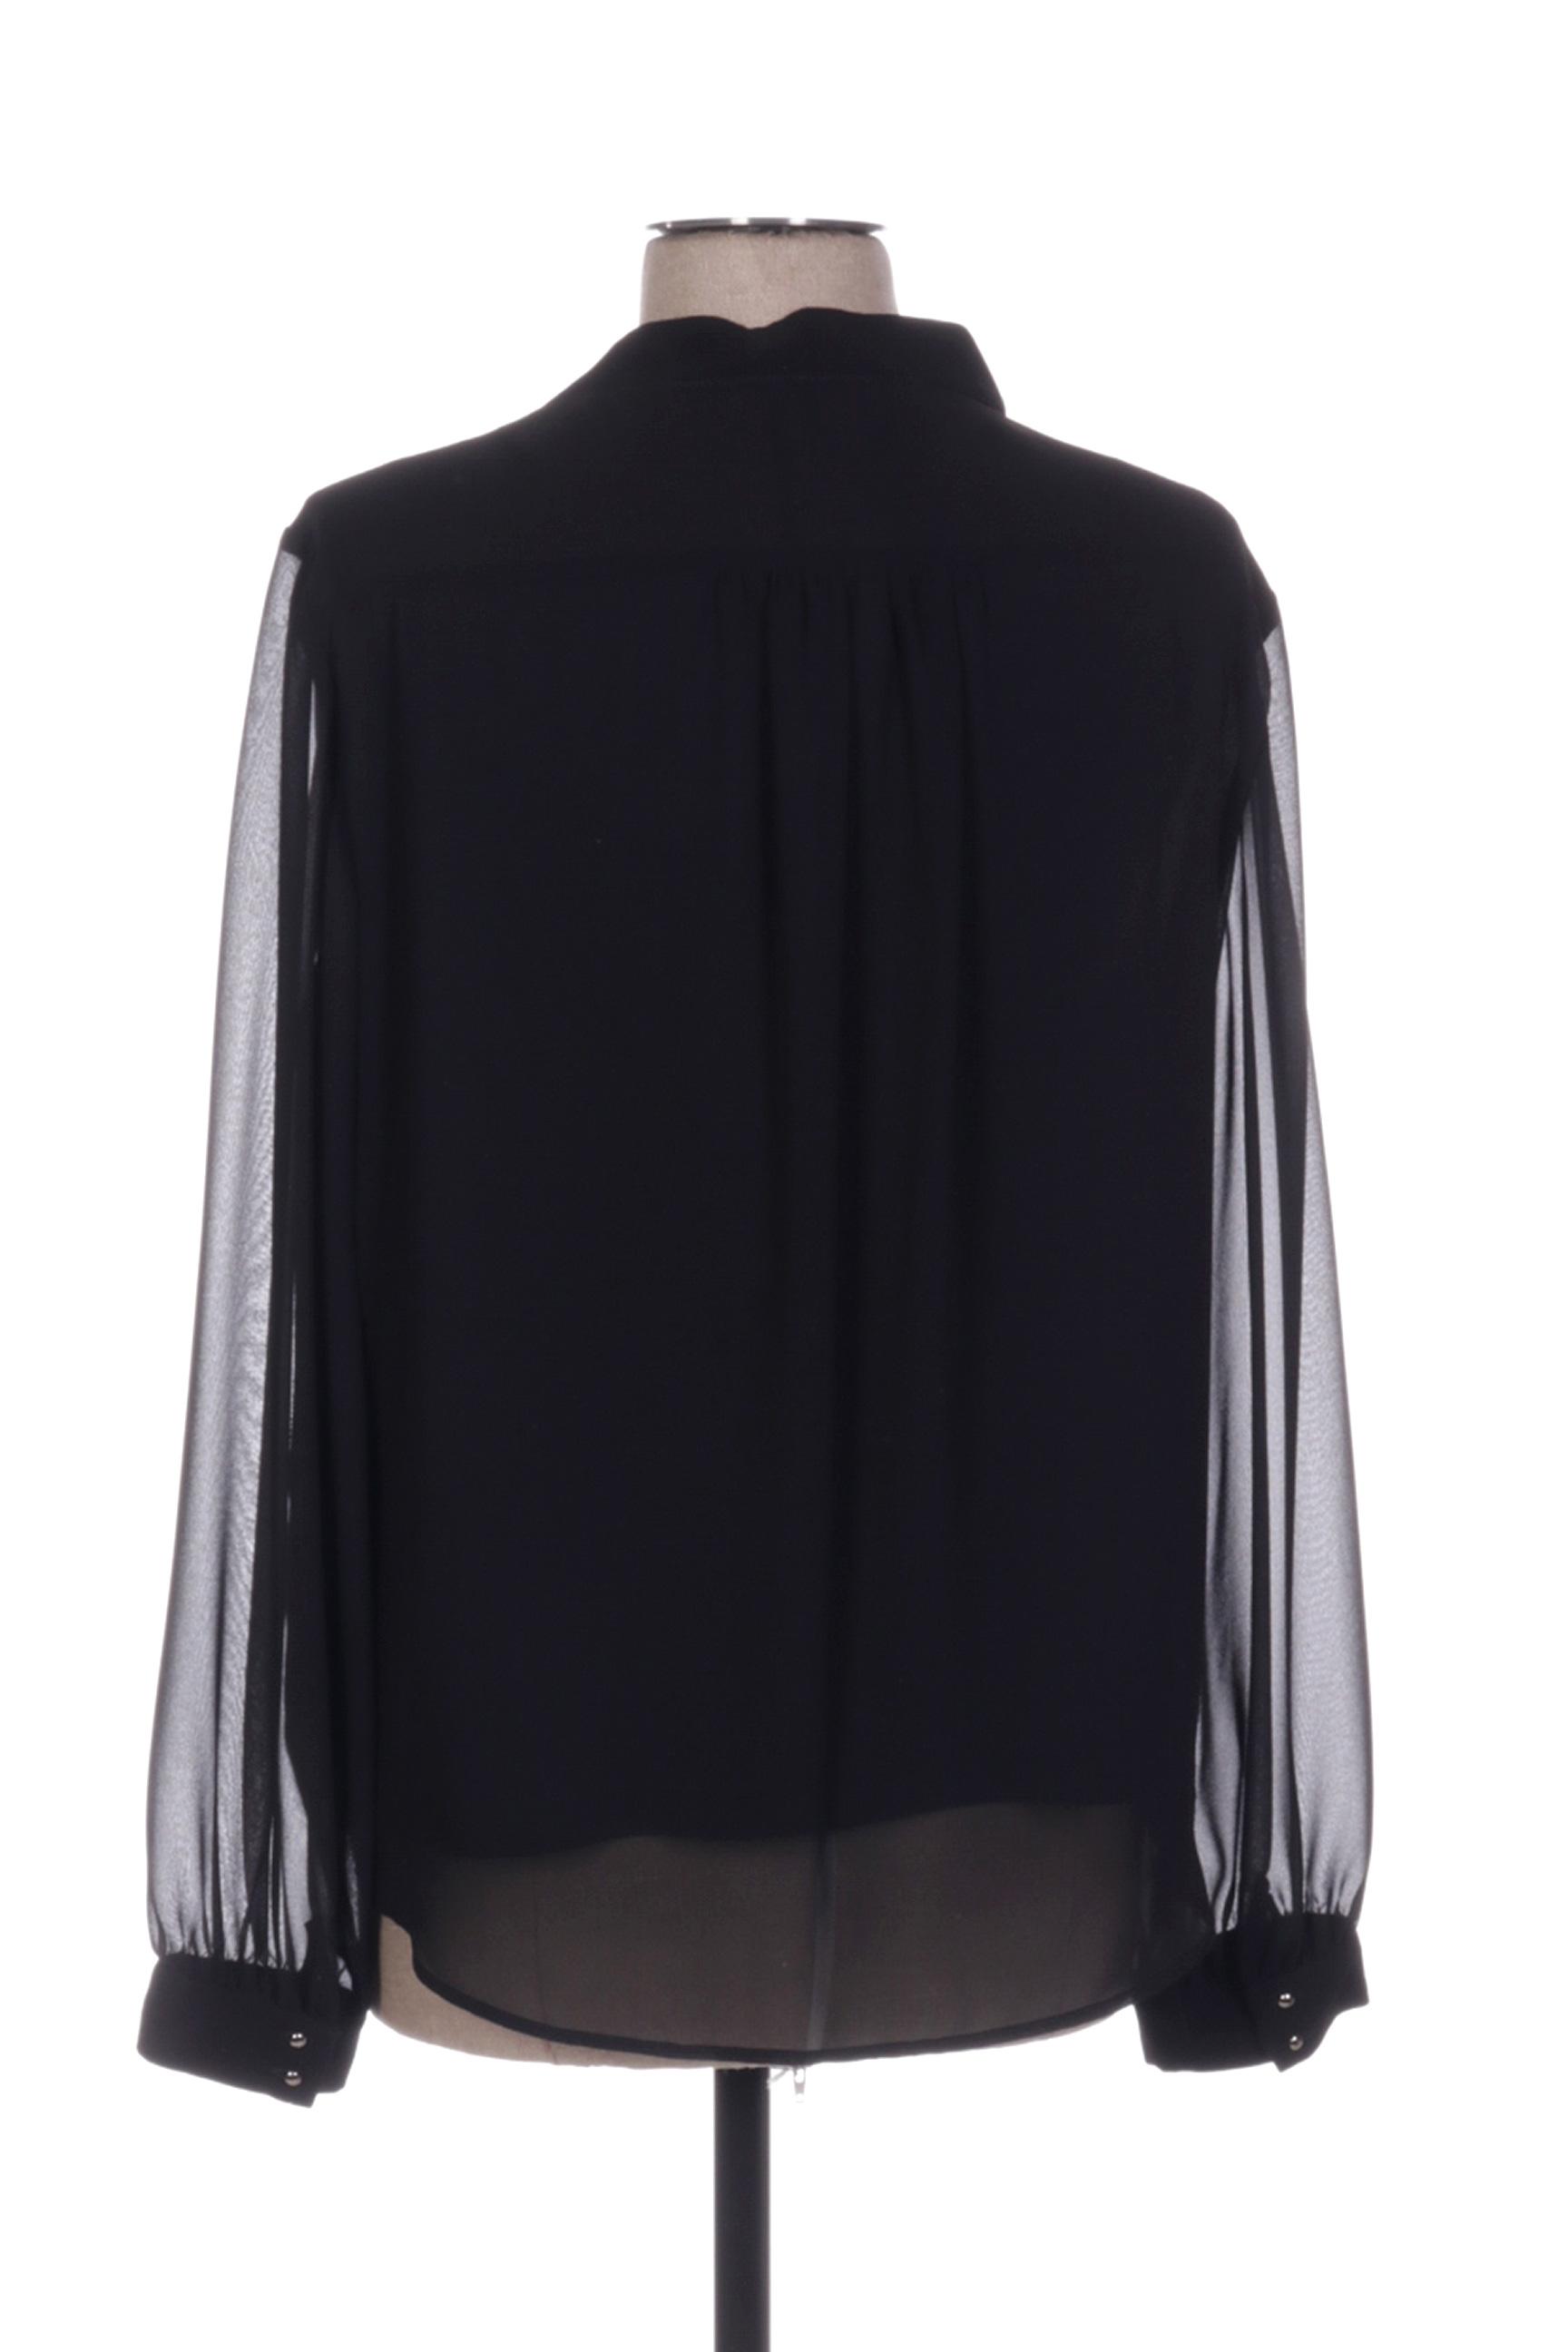 Vera Mont Blouses Femme De Couleur Noir En Soldes Pas Cher 1393881-noir00